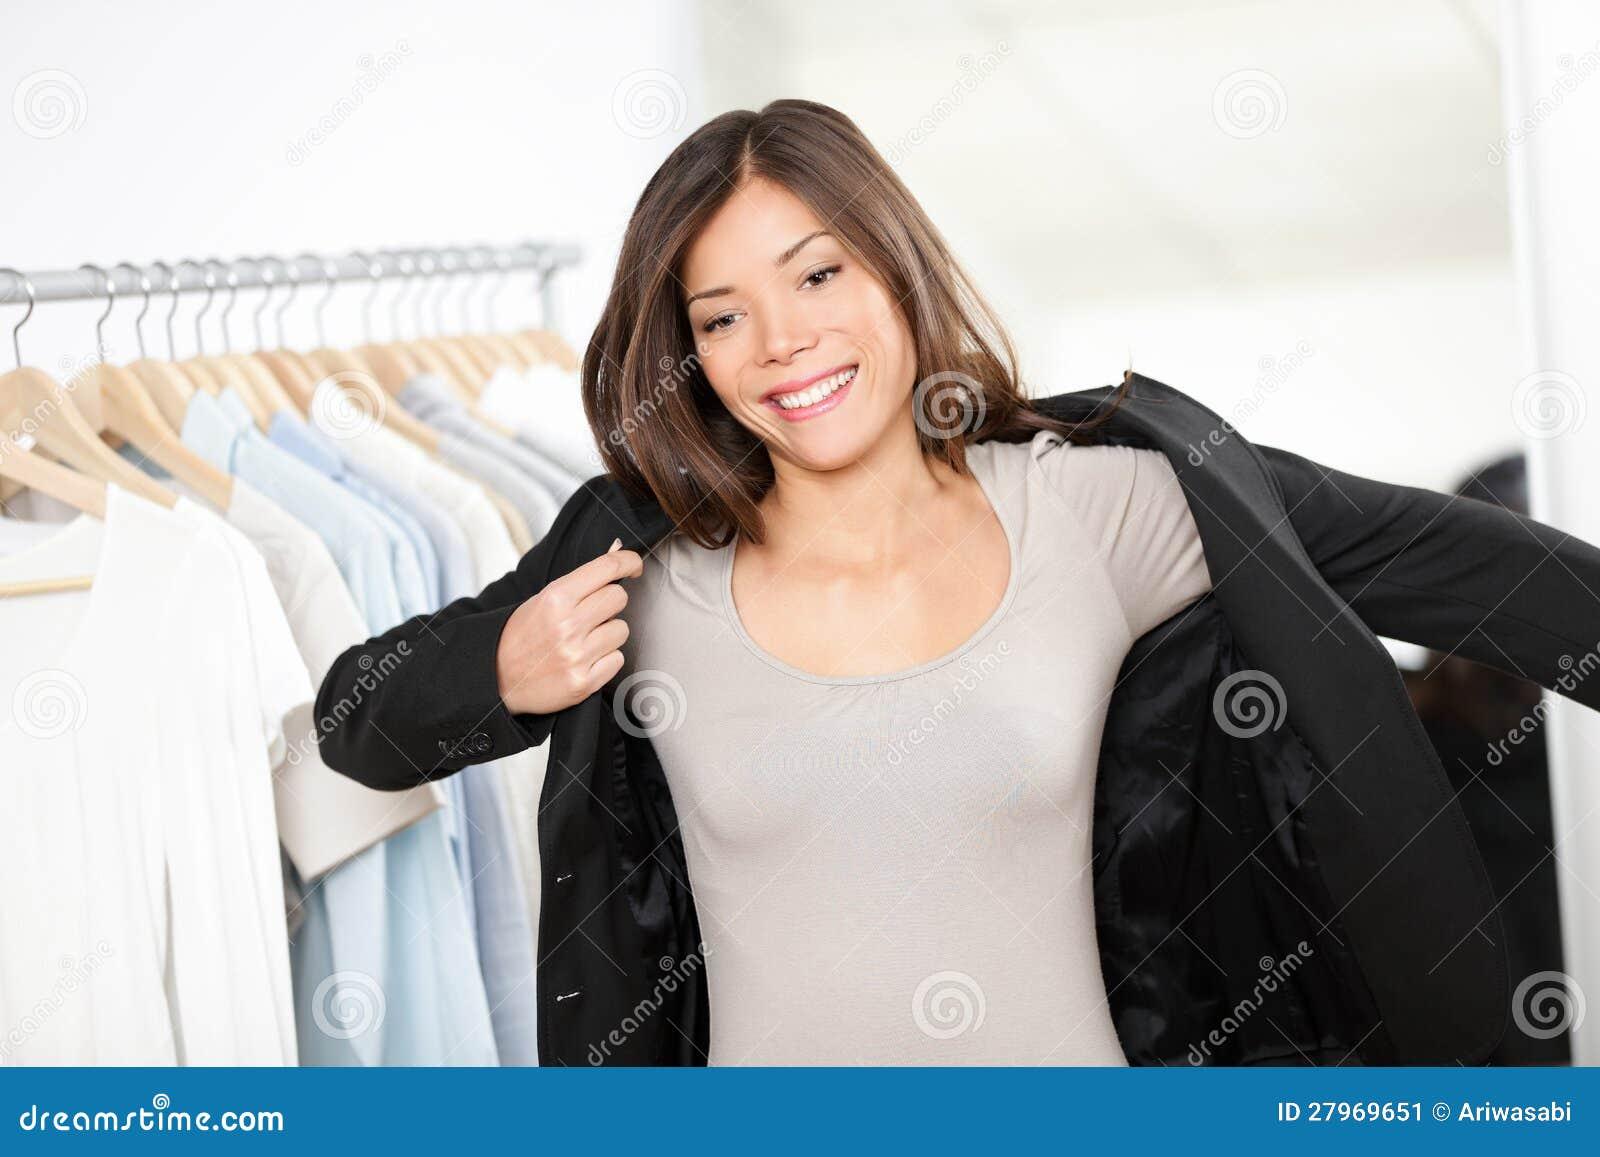 14a686e900bfa8 Las compras de la mujer para el traje de negocios visten en la tienda de  ropa que intenta en la chaqueta para la empresaria. Mujer de negocios  profesional ...